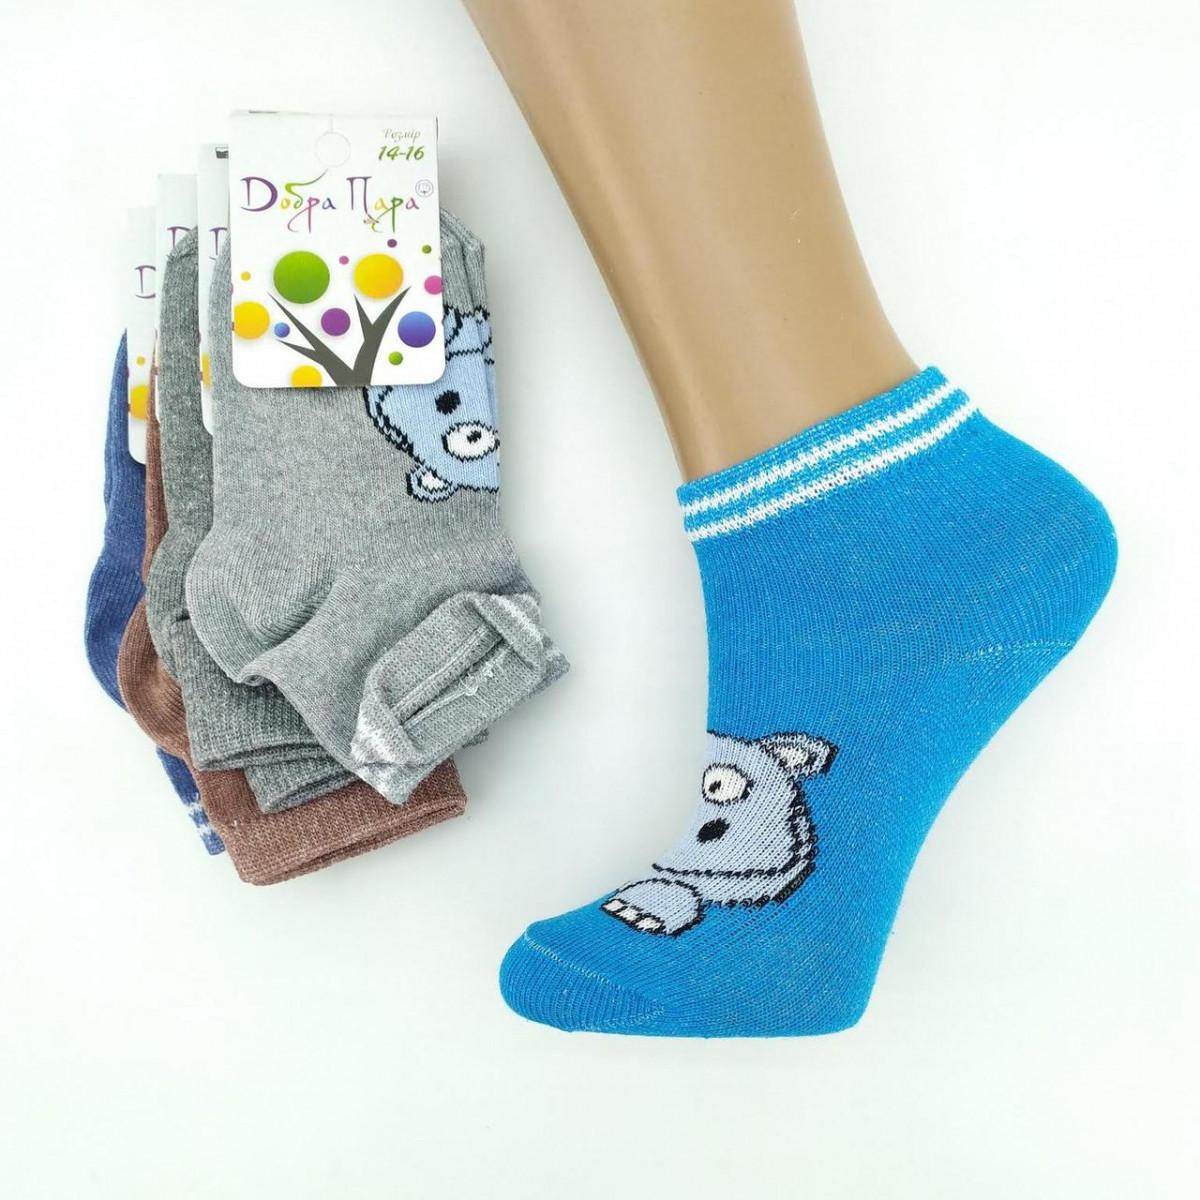 Носки детские демисезонные с рисунками, для мальчика, ДОБРА ПАРА, р14-16, ассорти, 20026349